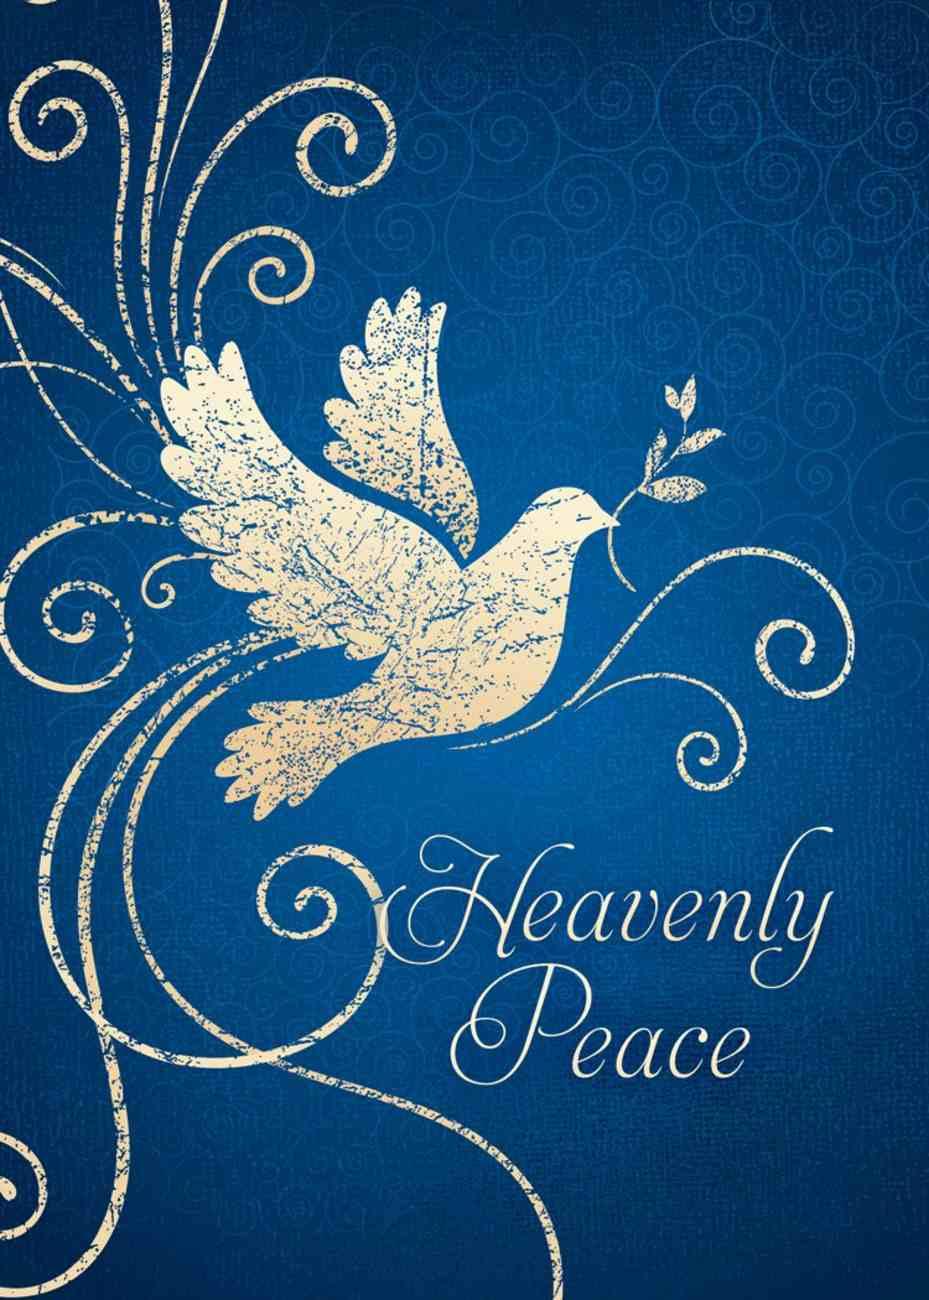 Christmas Boxed Cards: Heavenly Peace, White Dove (Luke 2:14 Kjv) Box